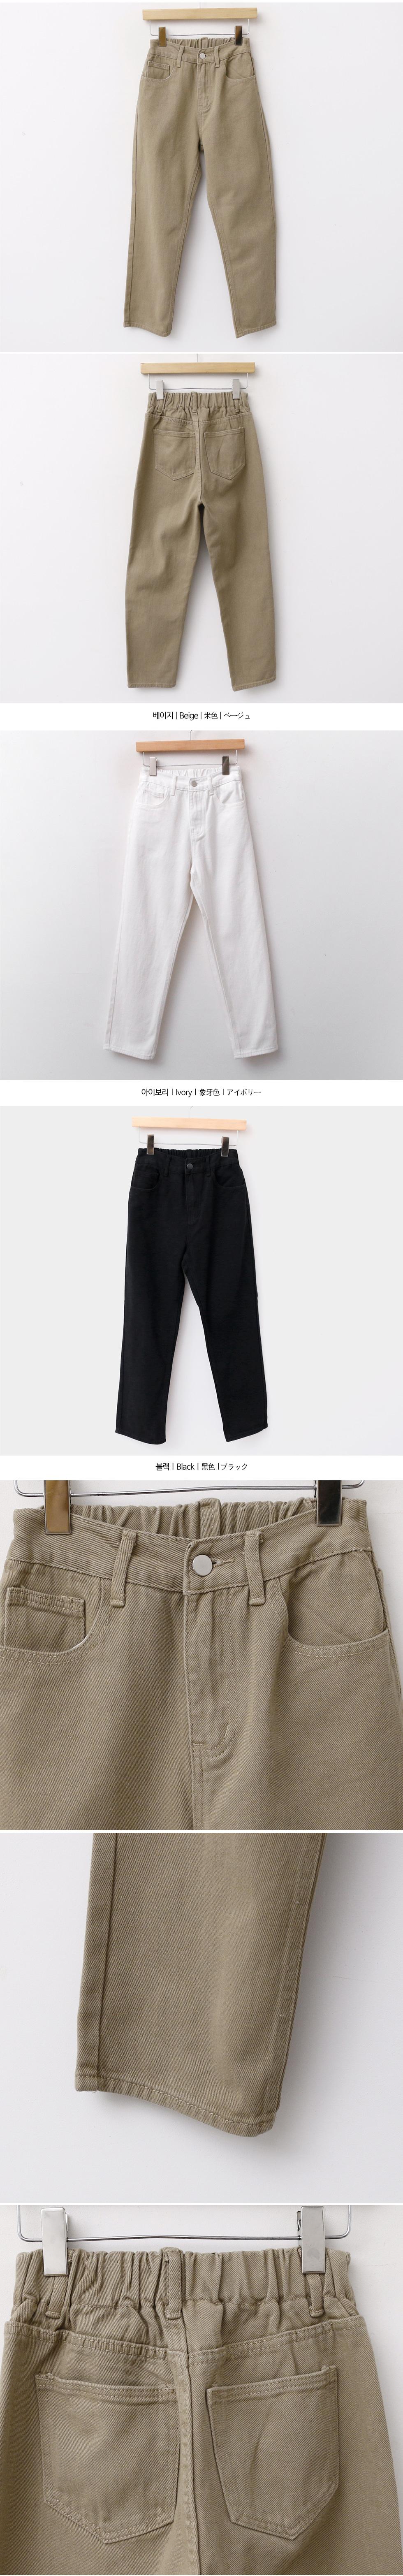 Standard Fit Cotton Pants